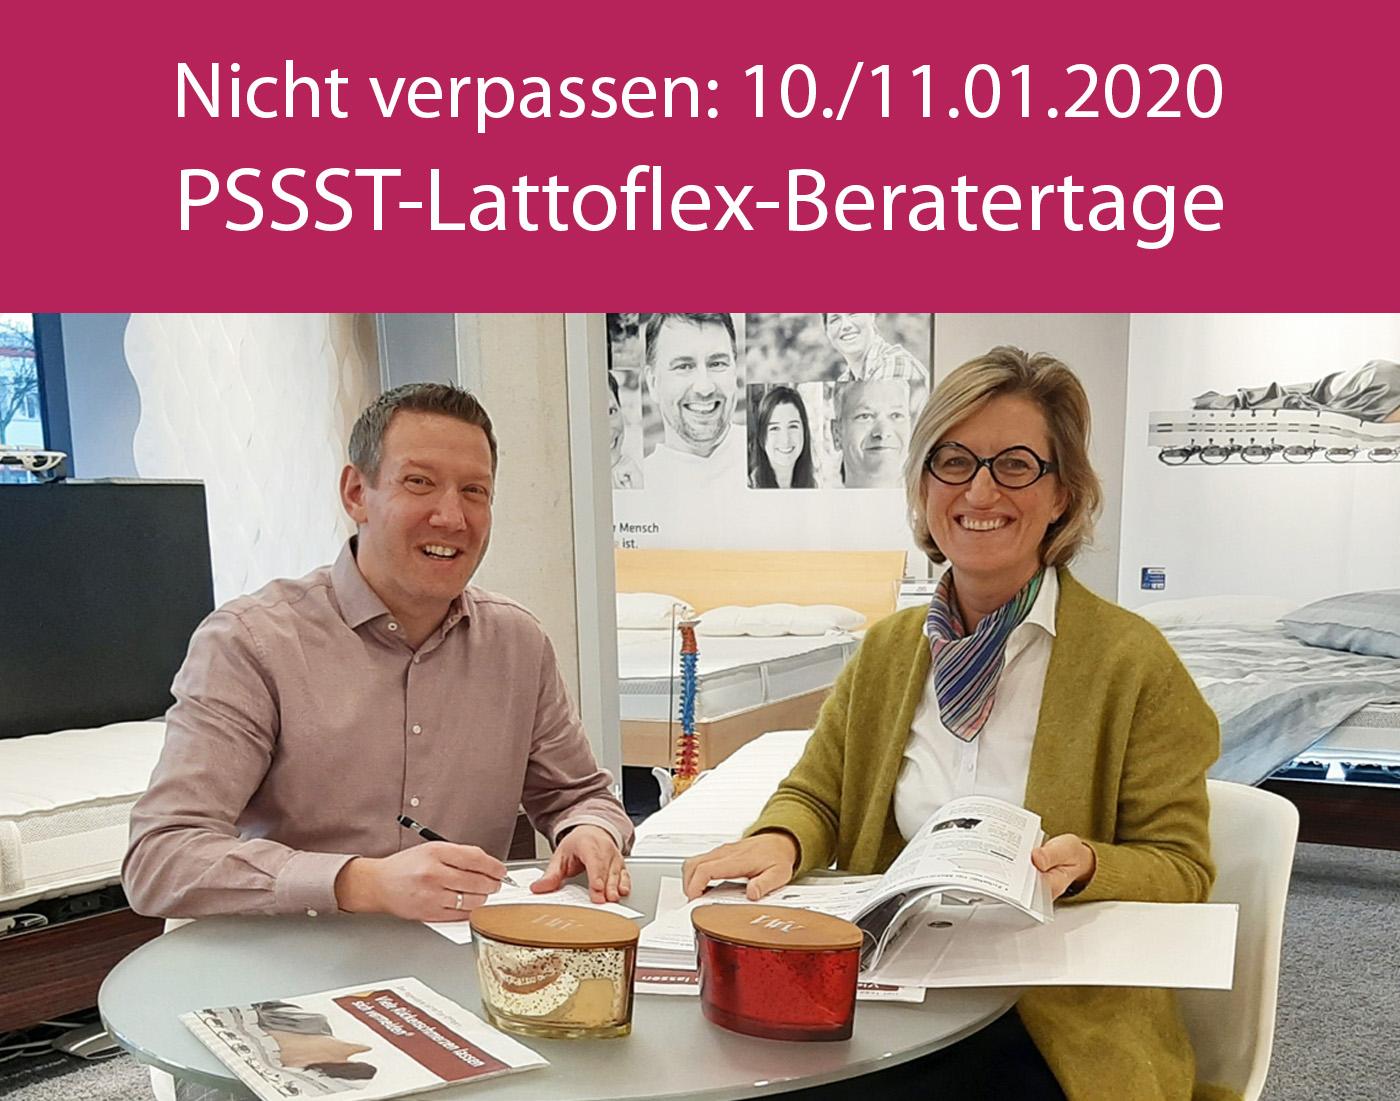 PSSST-Lattoflex-Beratertage 10-11.01.2020